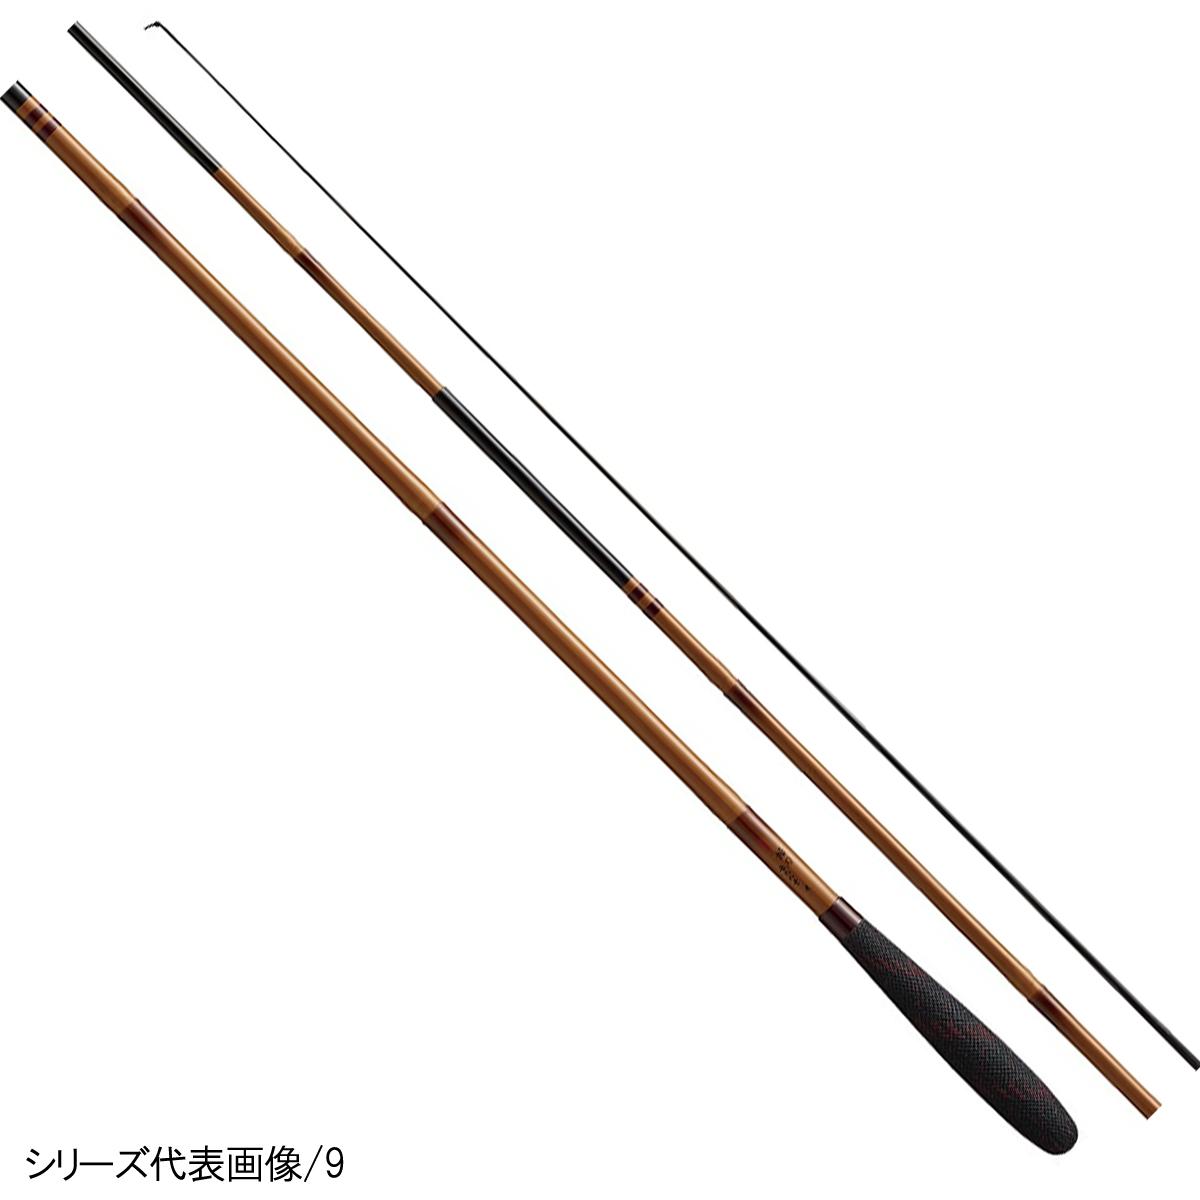 シマノ 飛天弓 頼刃(ひてんきゅう らいじん) またたき 15